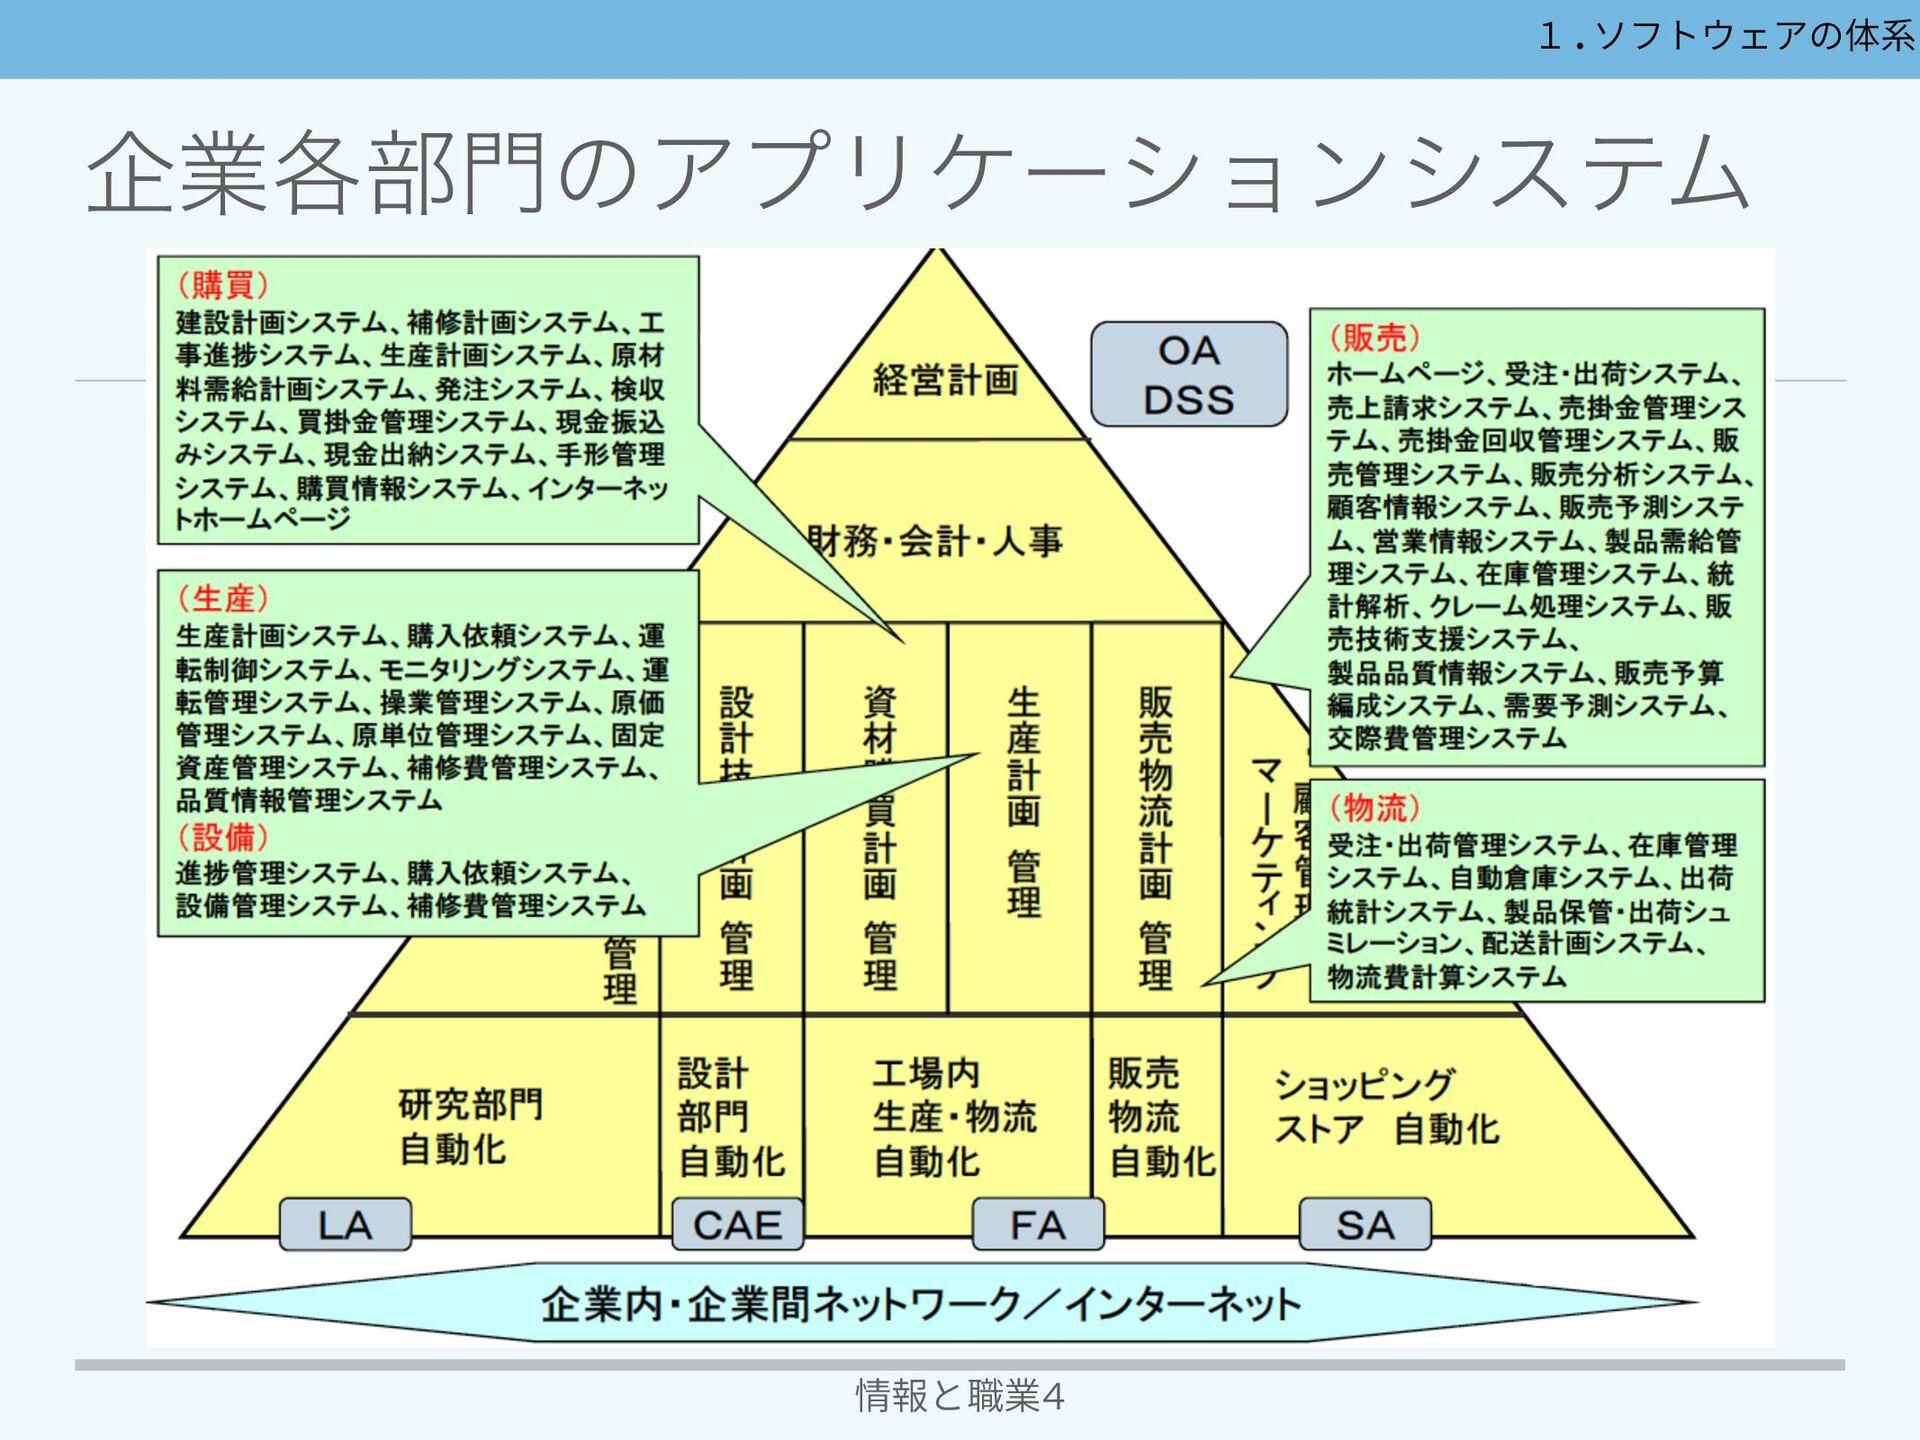 ιϑτΣΞͷମܥ 情報と職業4 ϛυϧΣΞ OSͱΞϓϦέʔγϣϯιϑτͷதؒͰಛఆͷ...